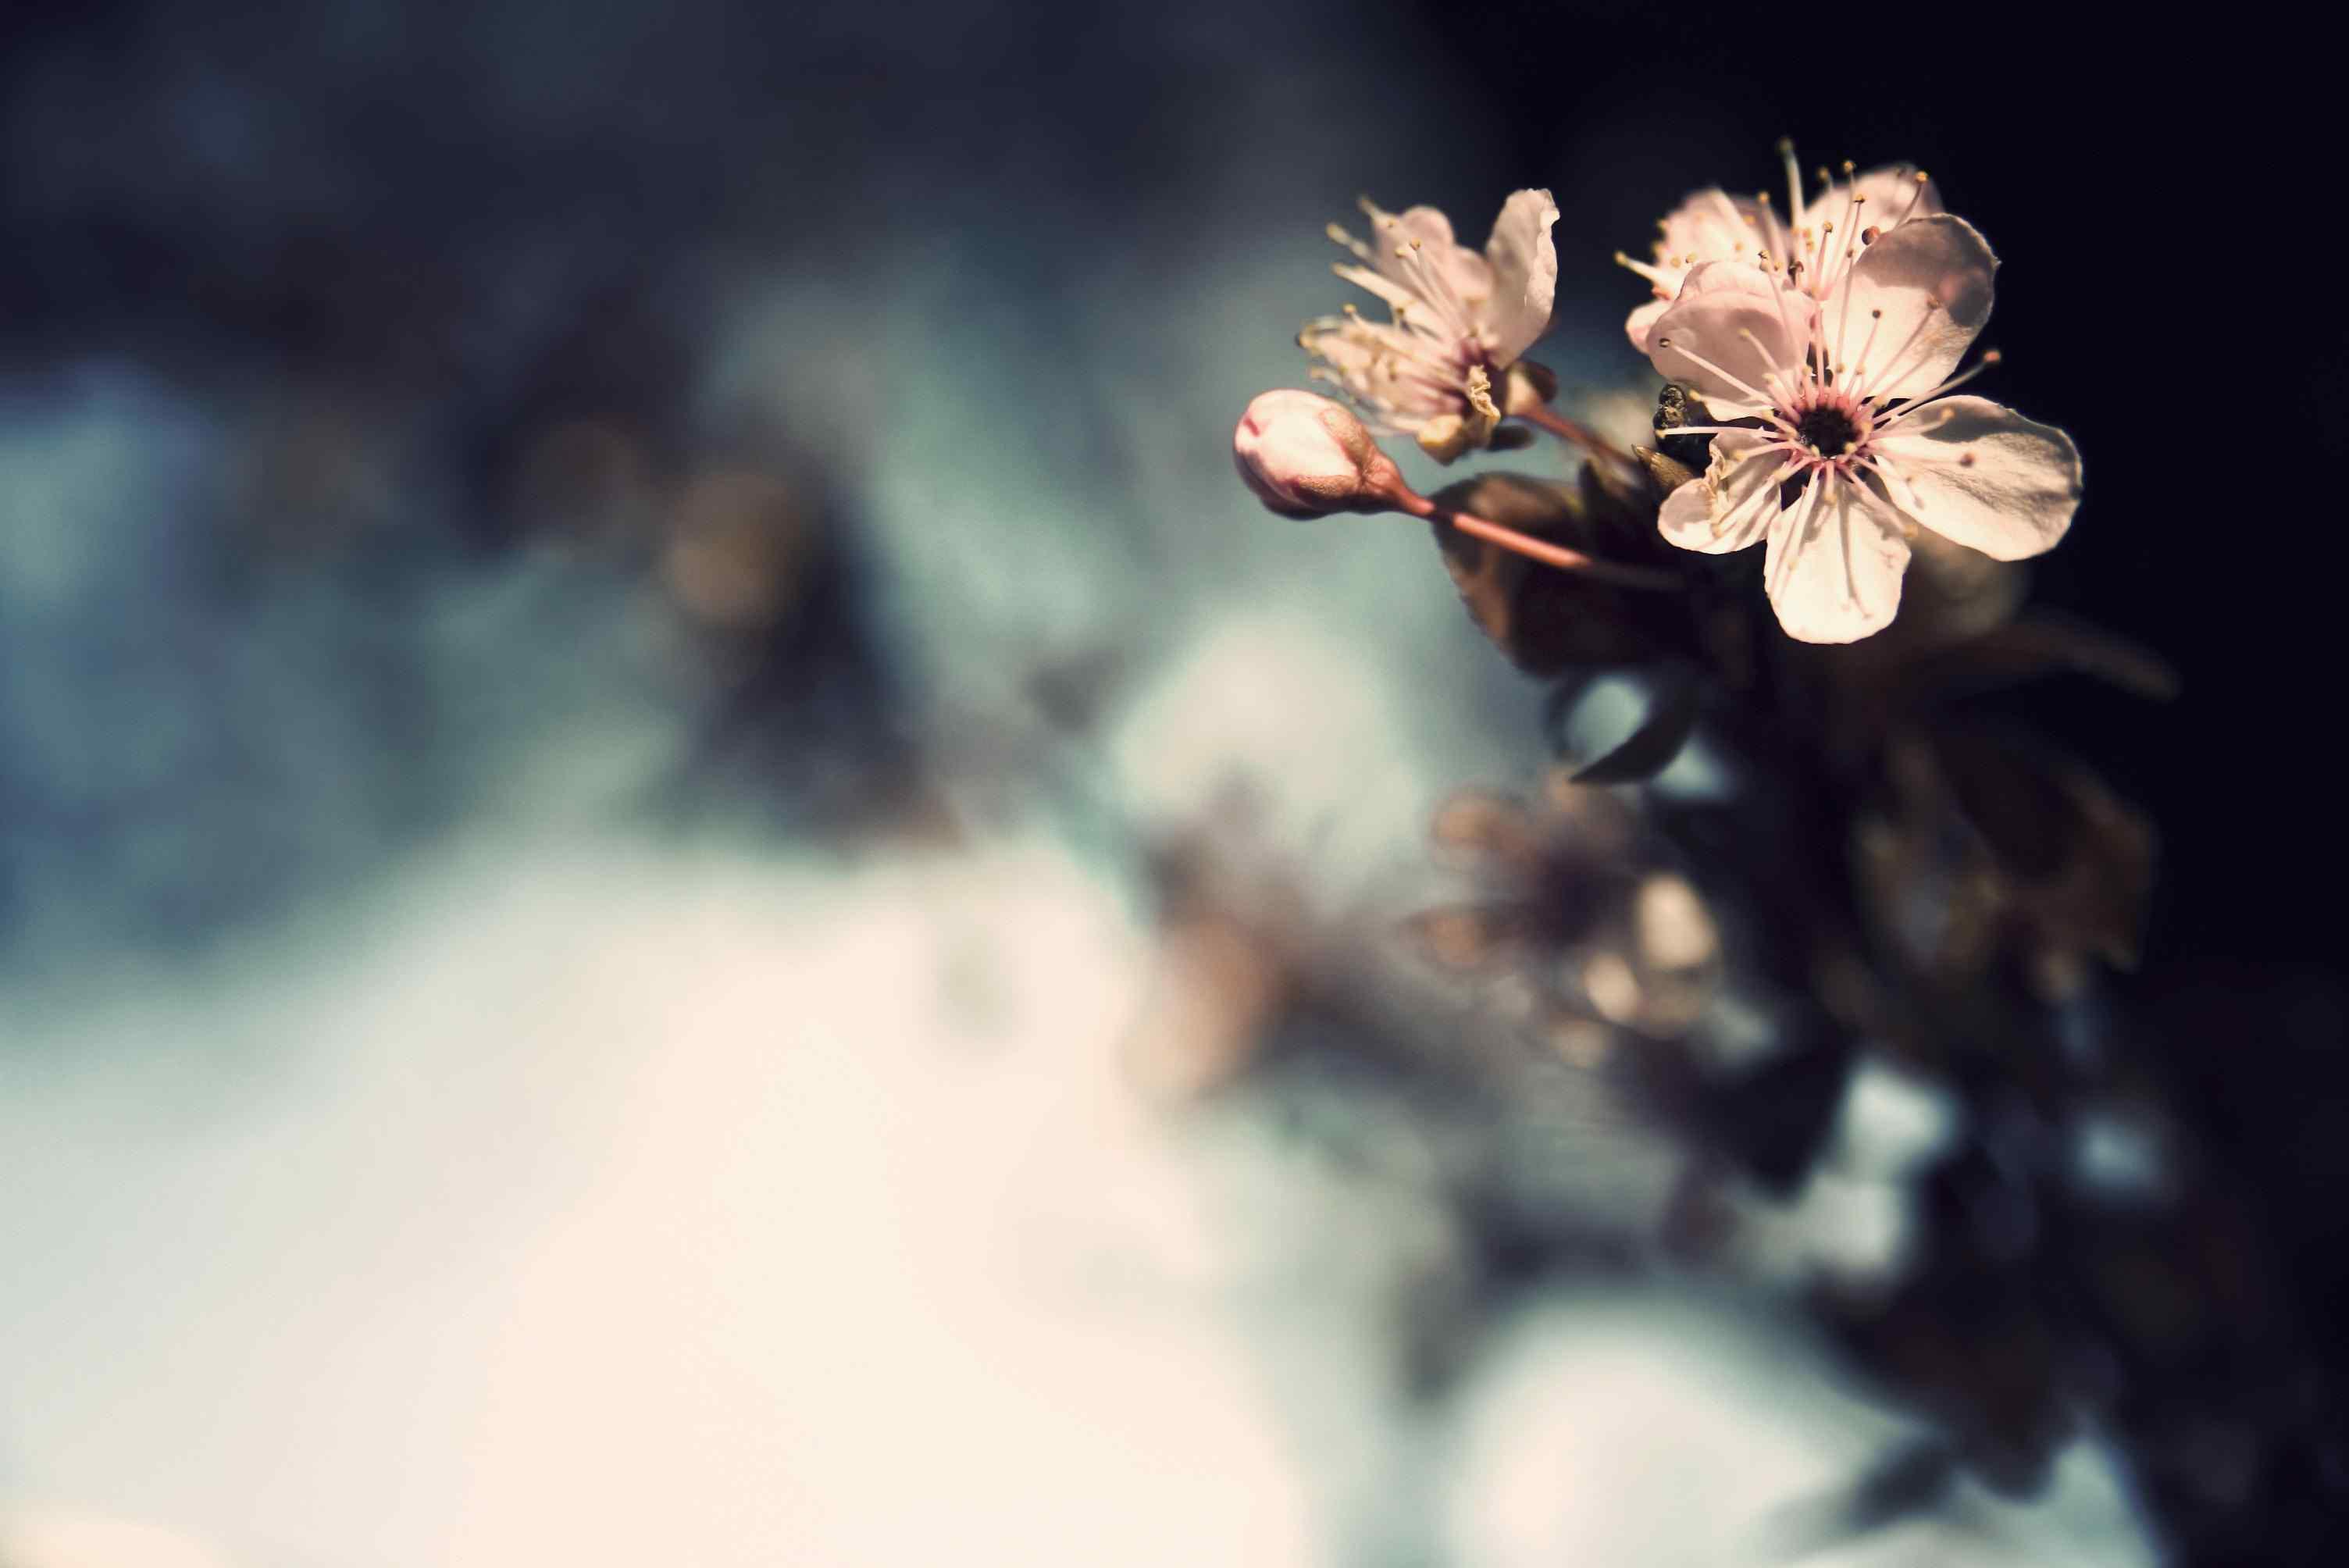 美丽的梅花盛开高清桌面壁纸 高清梅花摄影必赢国际娱乐官网